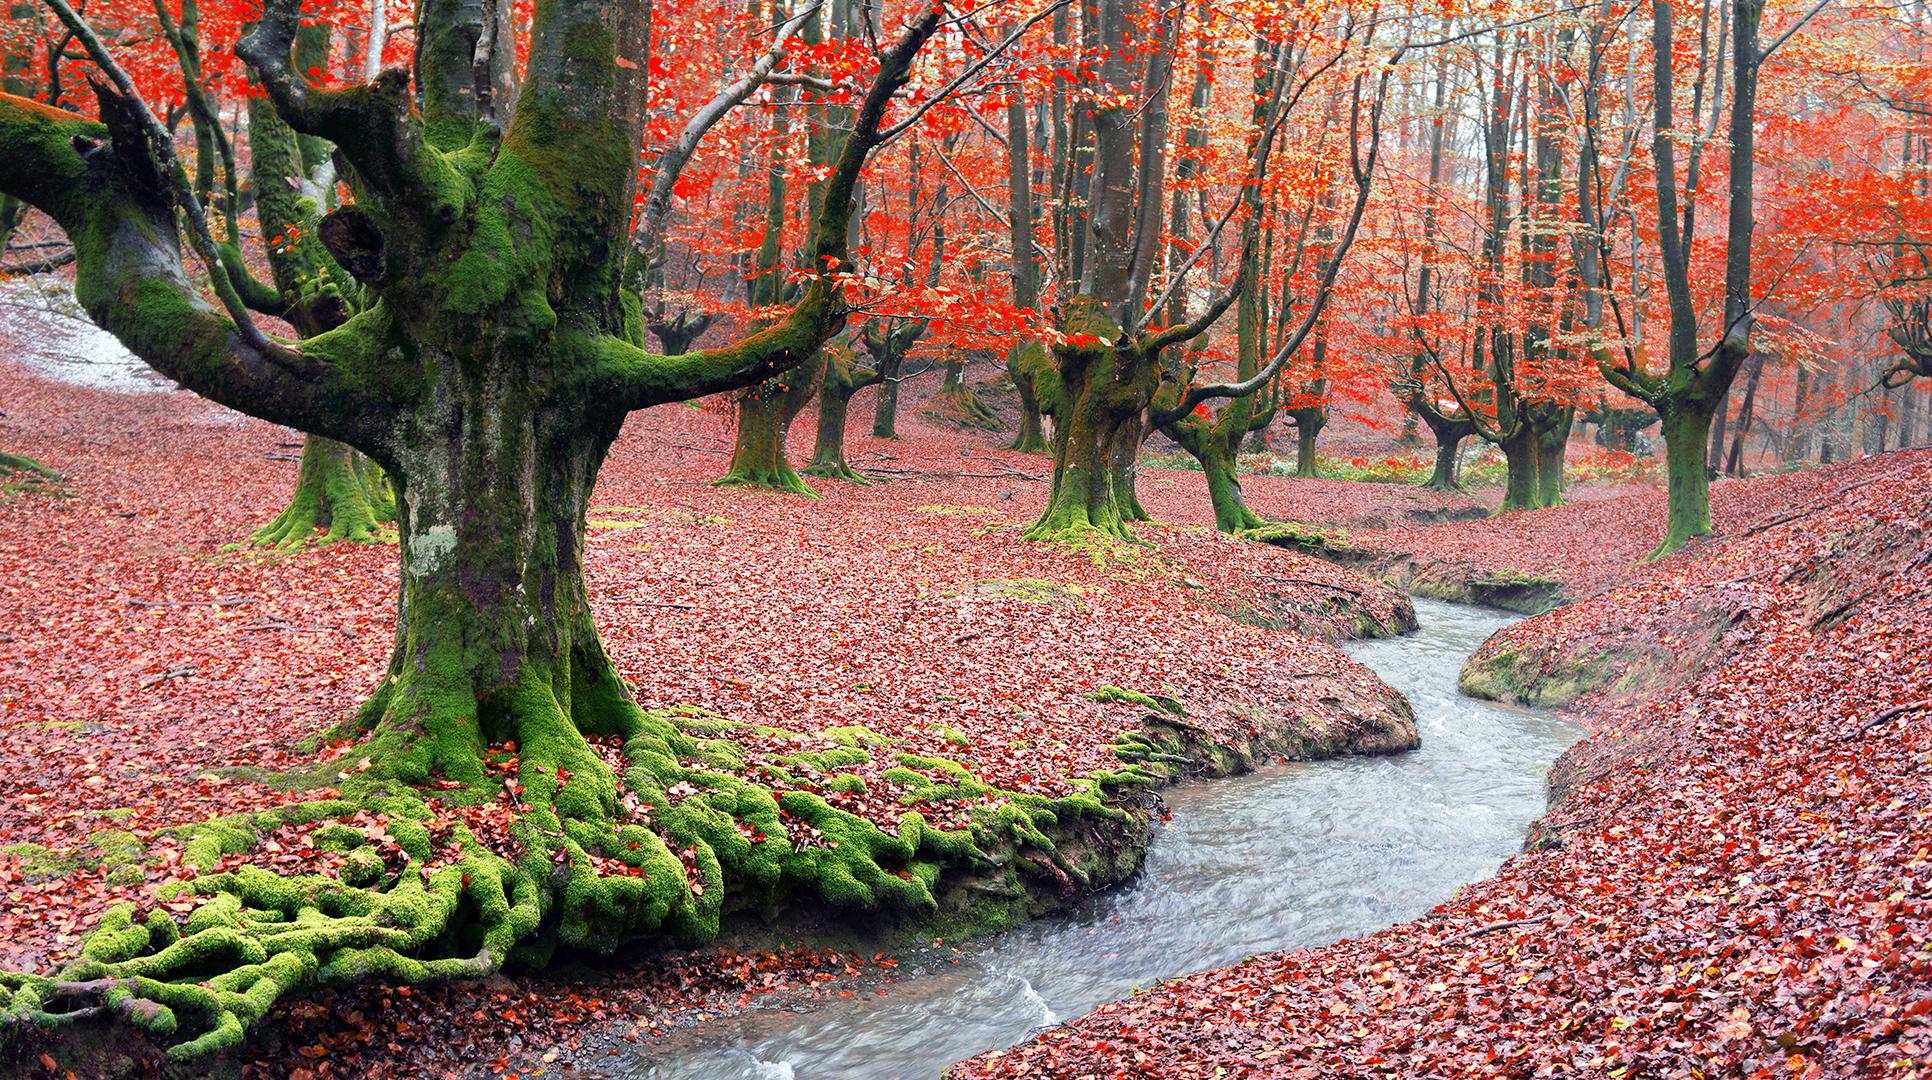 8 bosques en los que disfrutar del otoño en España - Hayedo de Otzarreta | Foto:  Mikel Martinez | Dreamstime.com